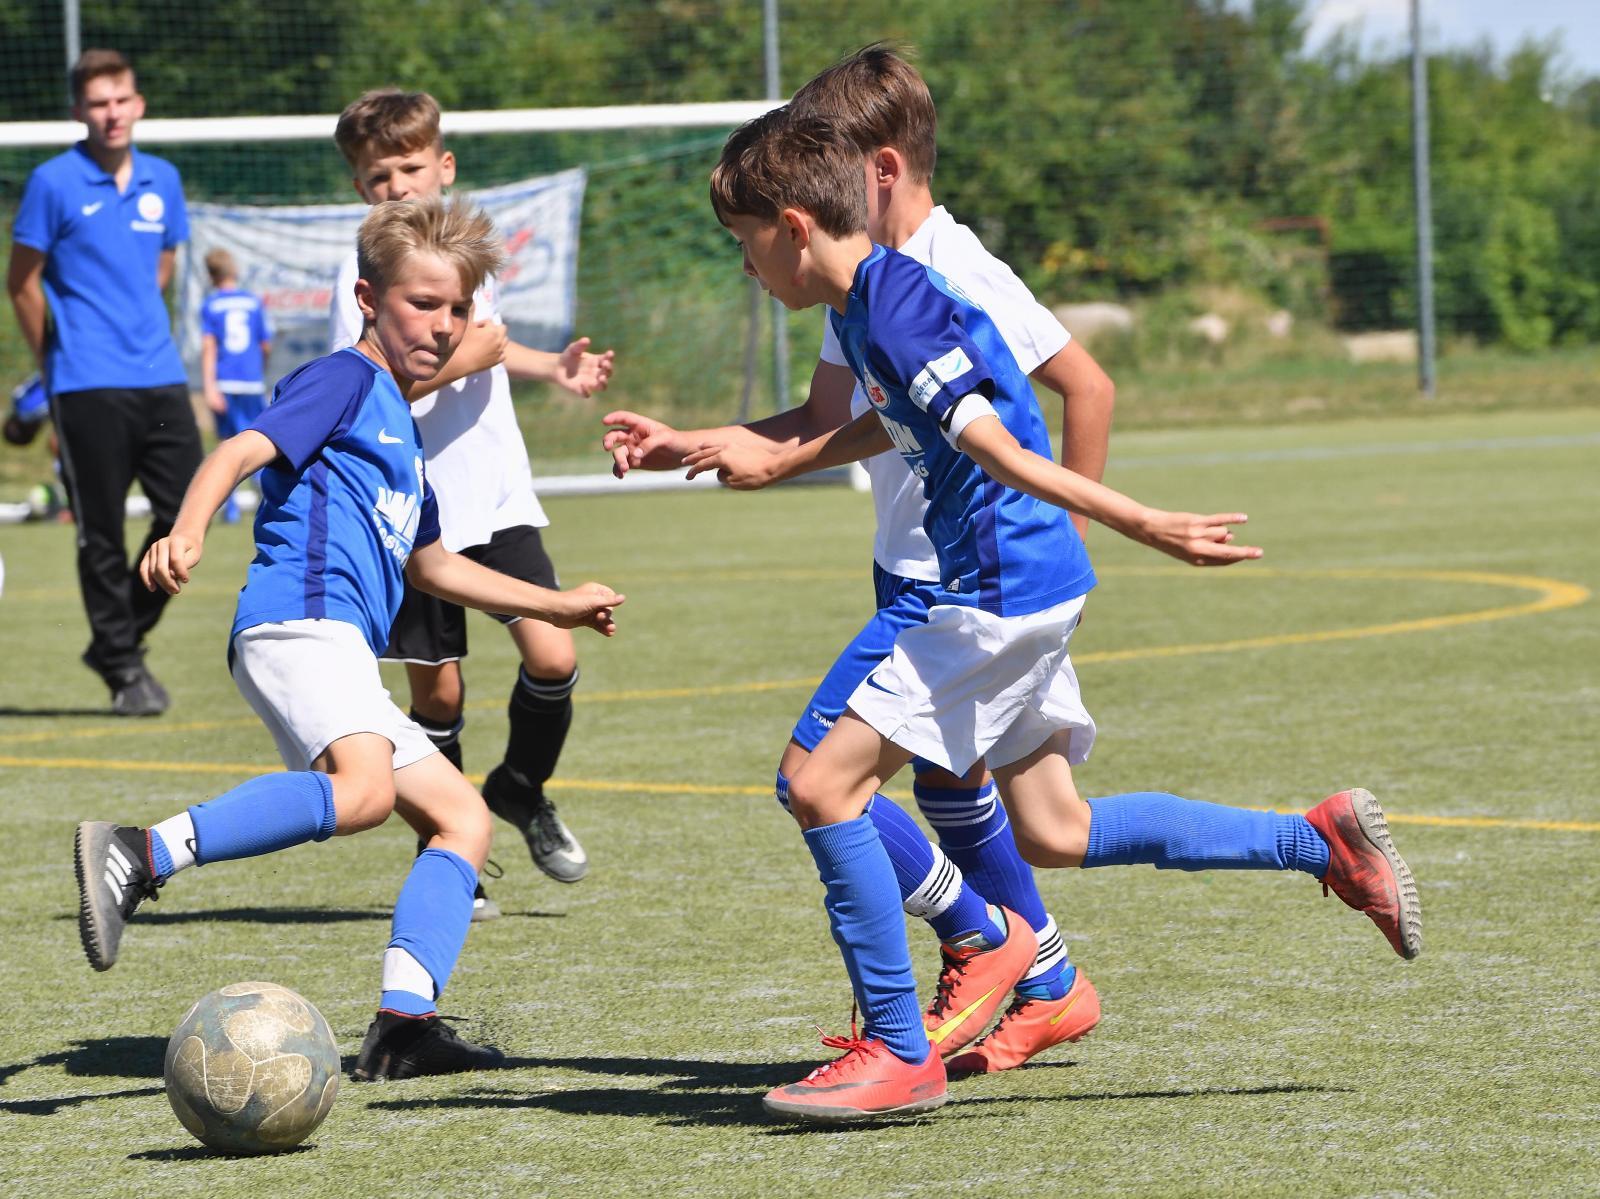 Die Spieler am Ball